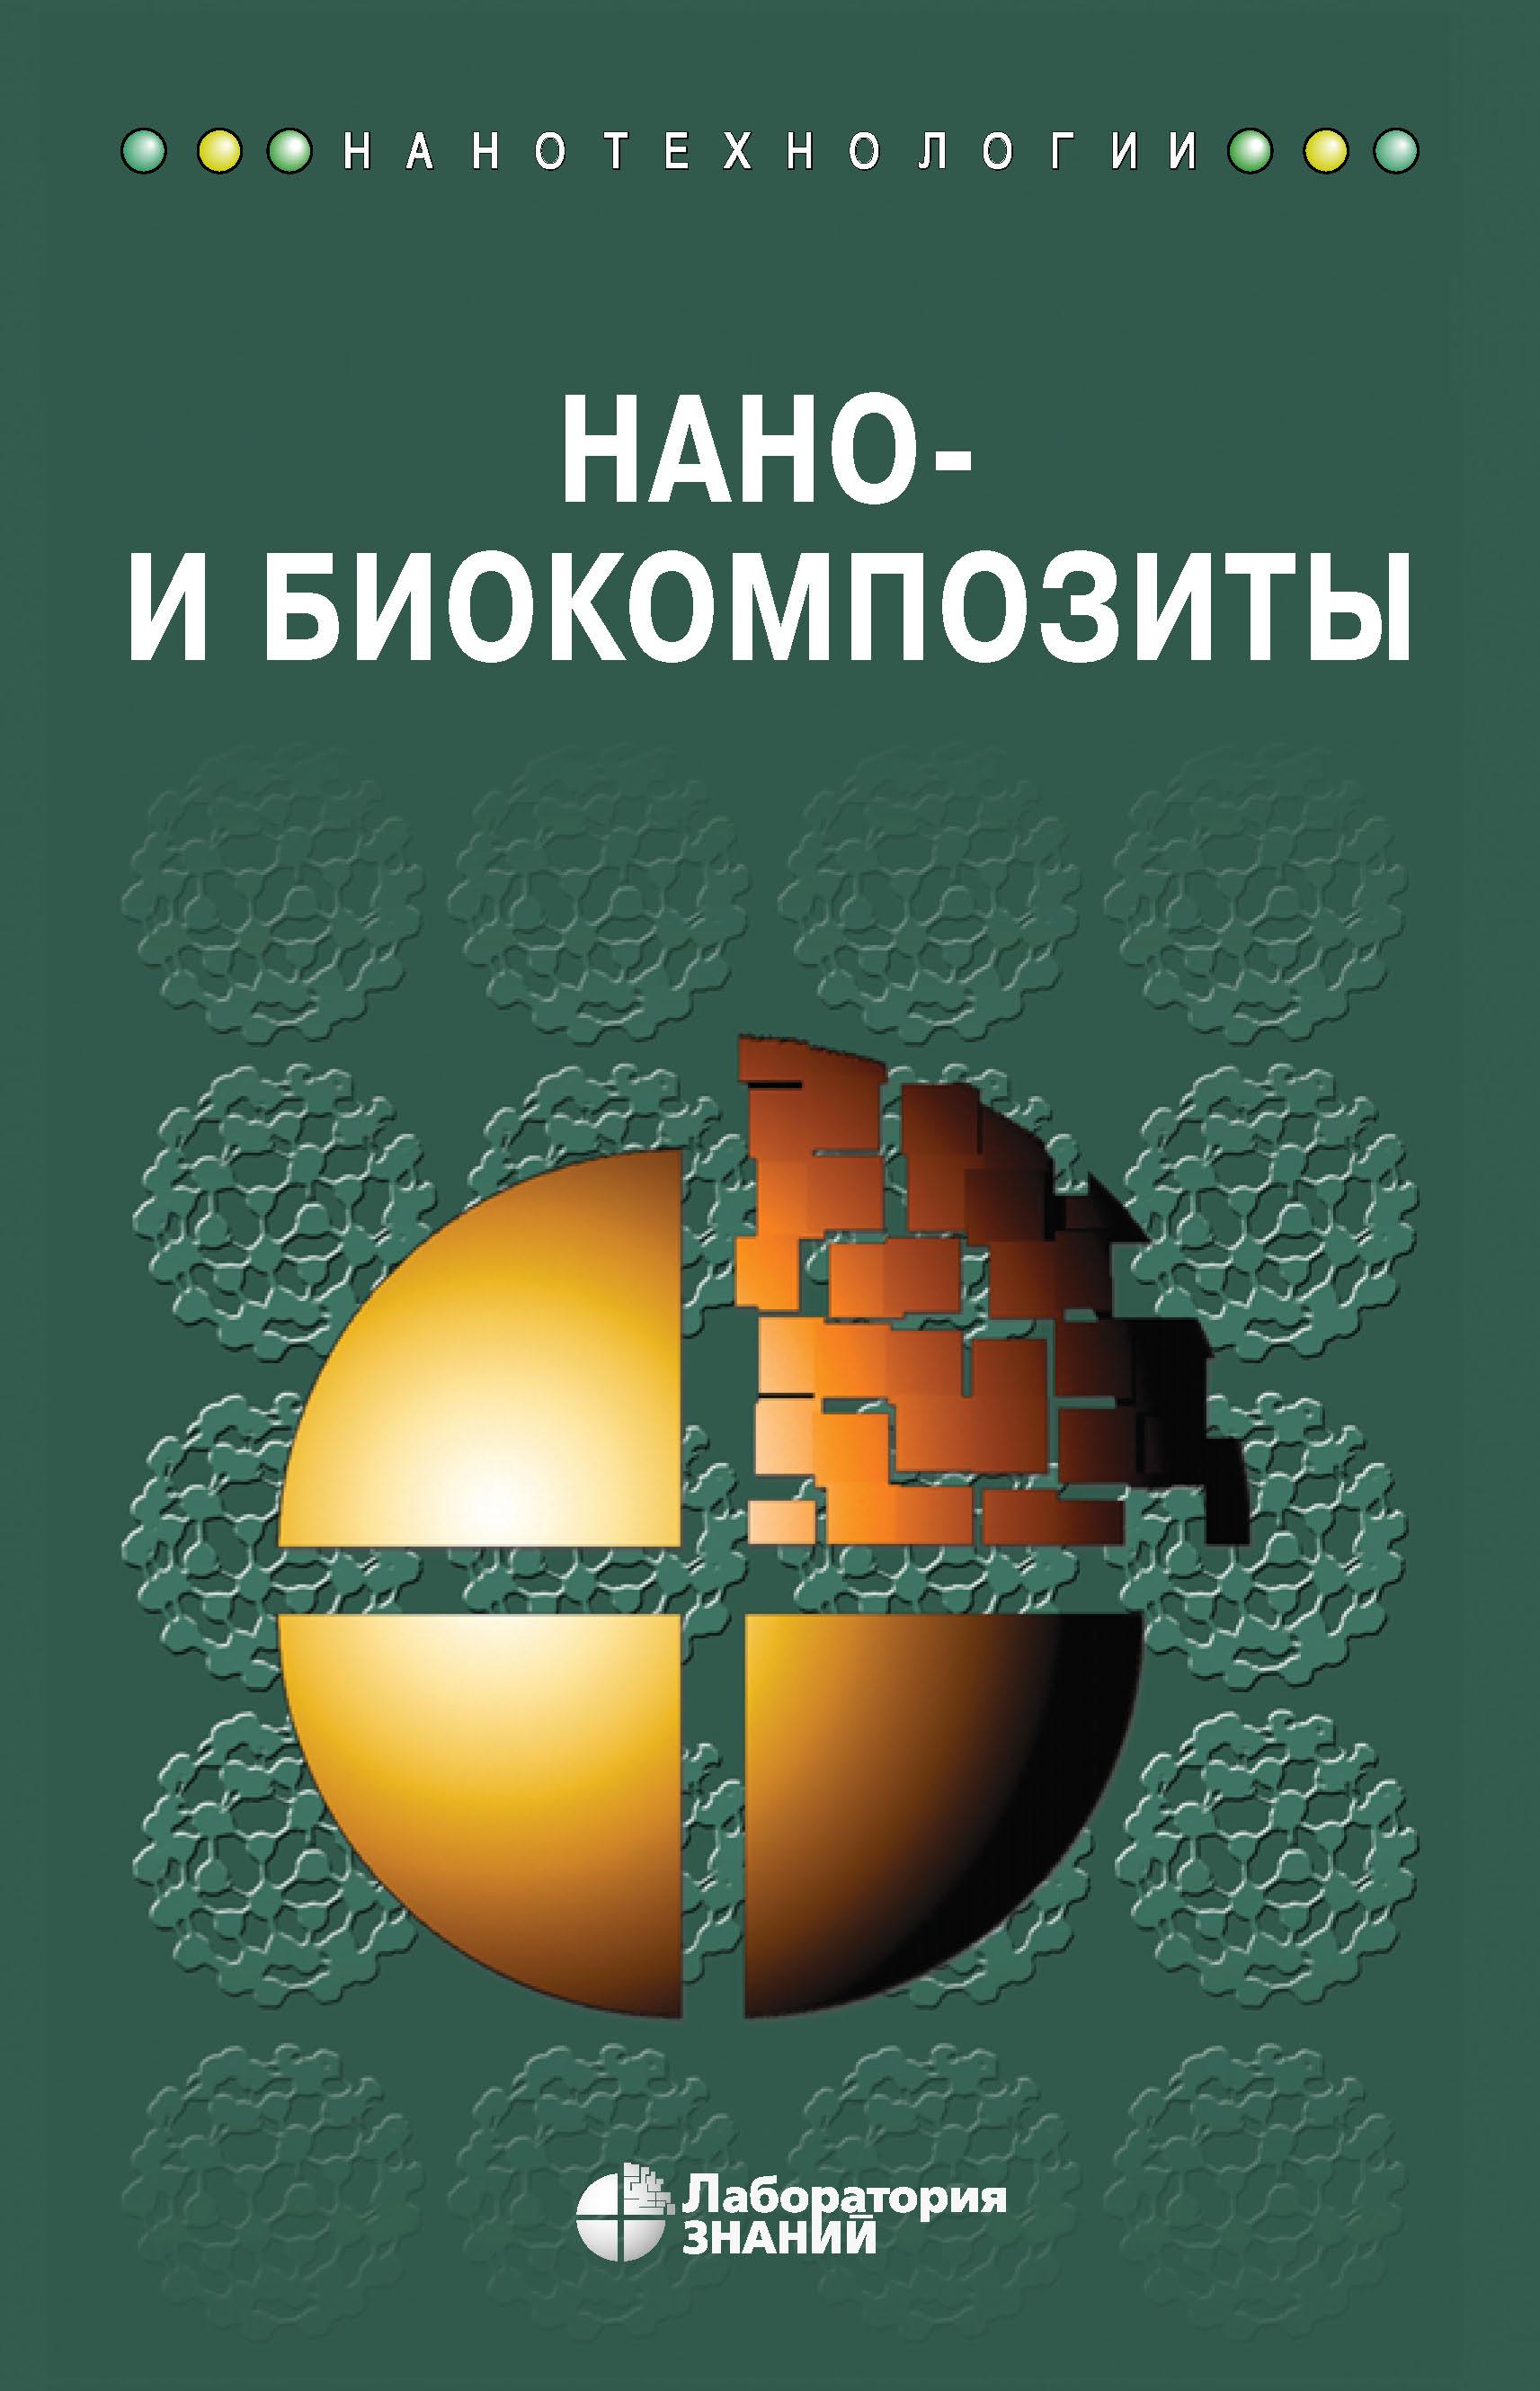 Коллектив авторов Нано– и биокомпозиты коллектив авторов нано– и биокомпозиты